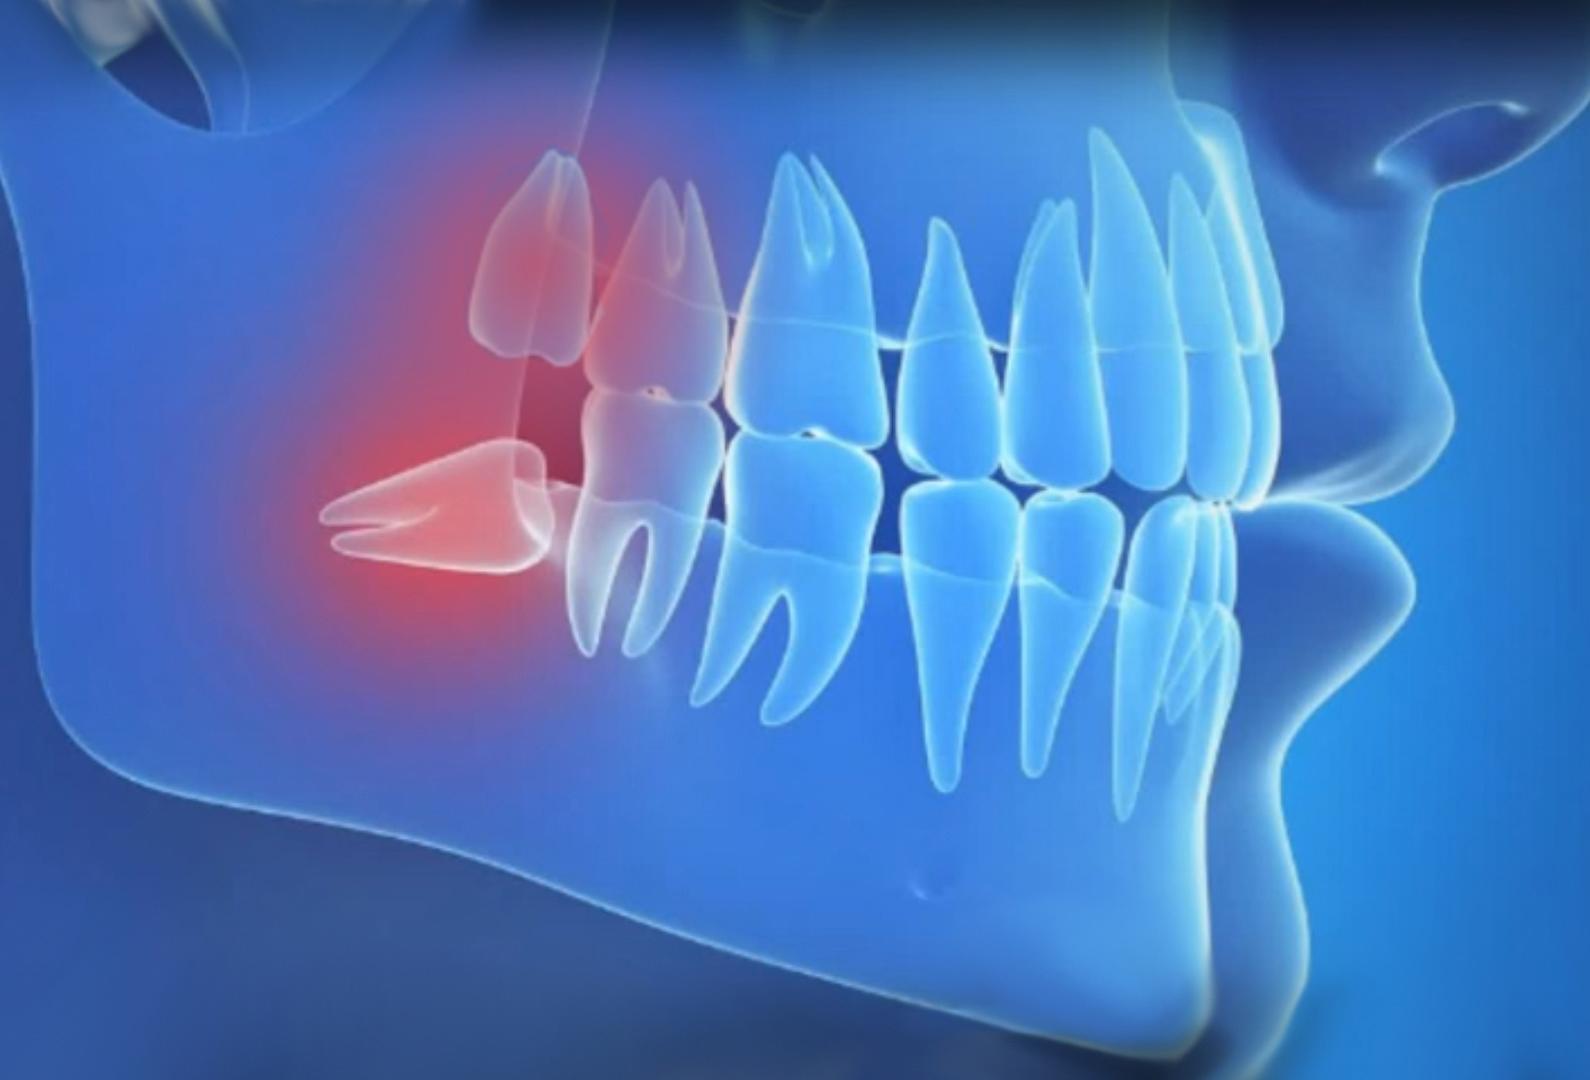 Γιατί συμπεριφέρεται ένας φρονιμίτης διαφορετικά από τα άλλα δόντια;